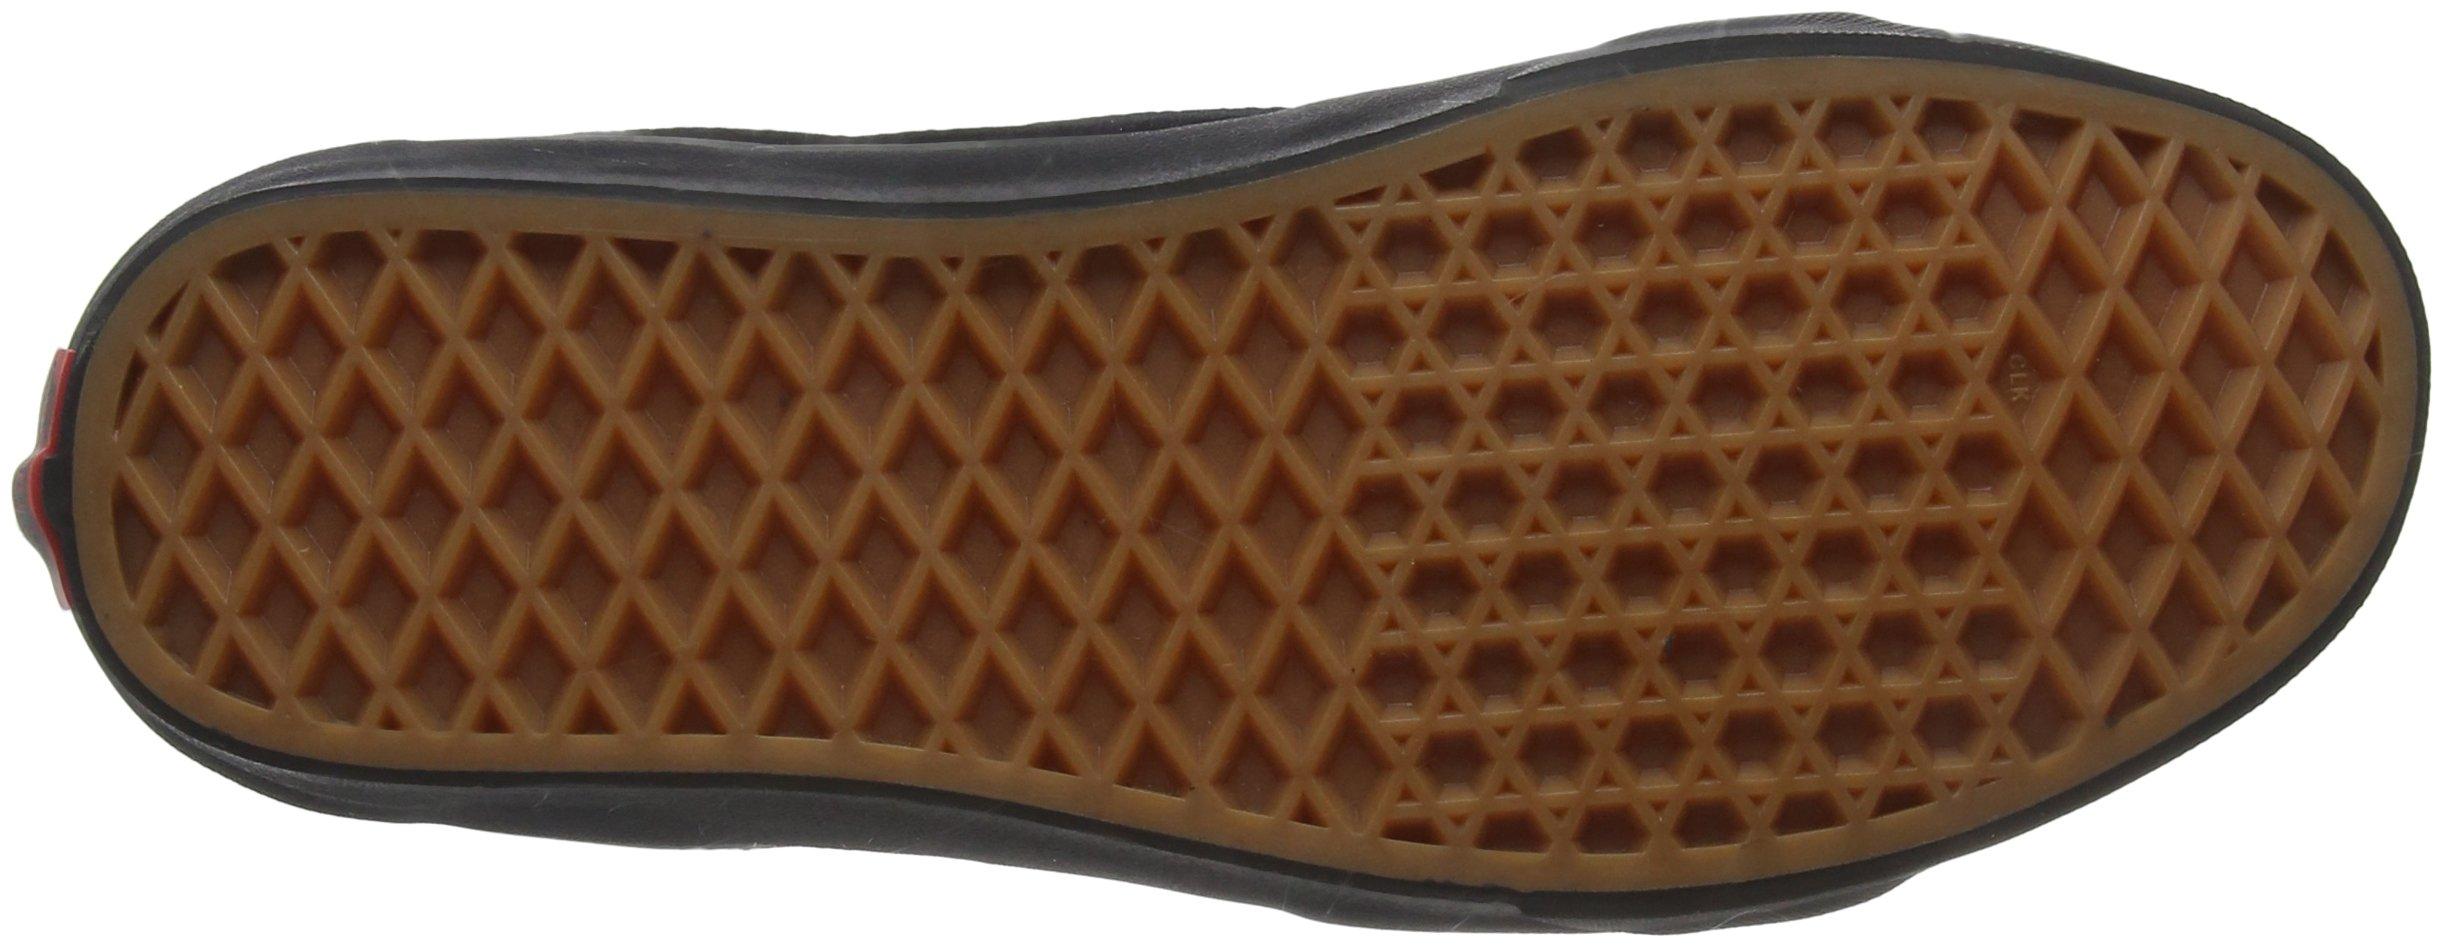 Vans Unisex SK8-Hi MTE (MTE) Black/Leather 6 Women / 4.5 Men M US by Vans (Image #3)